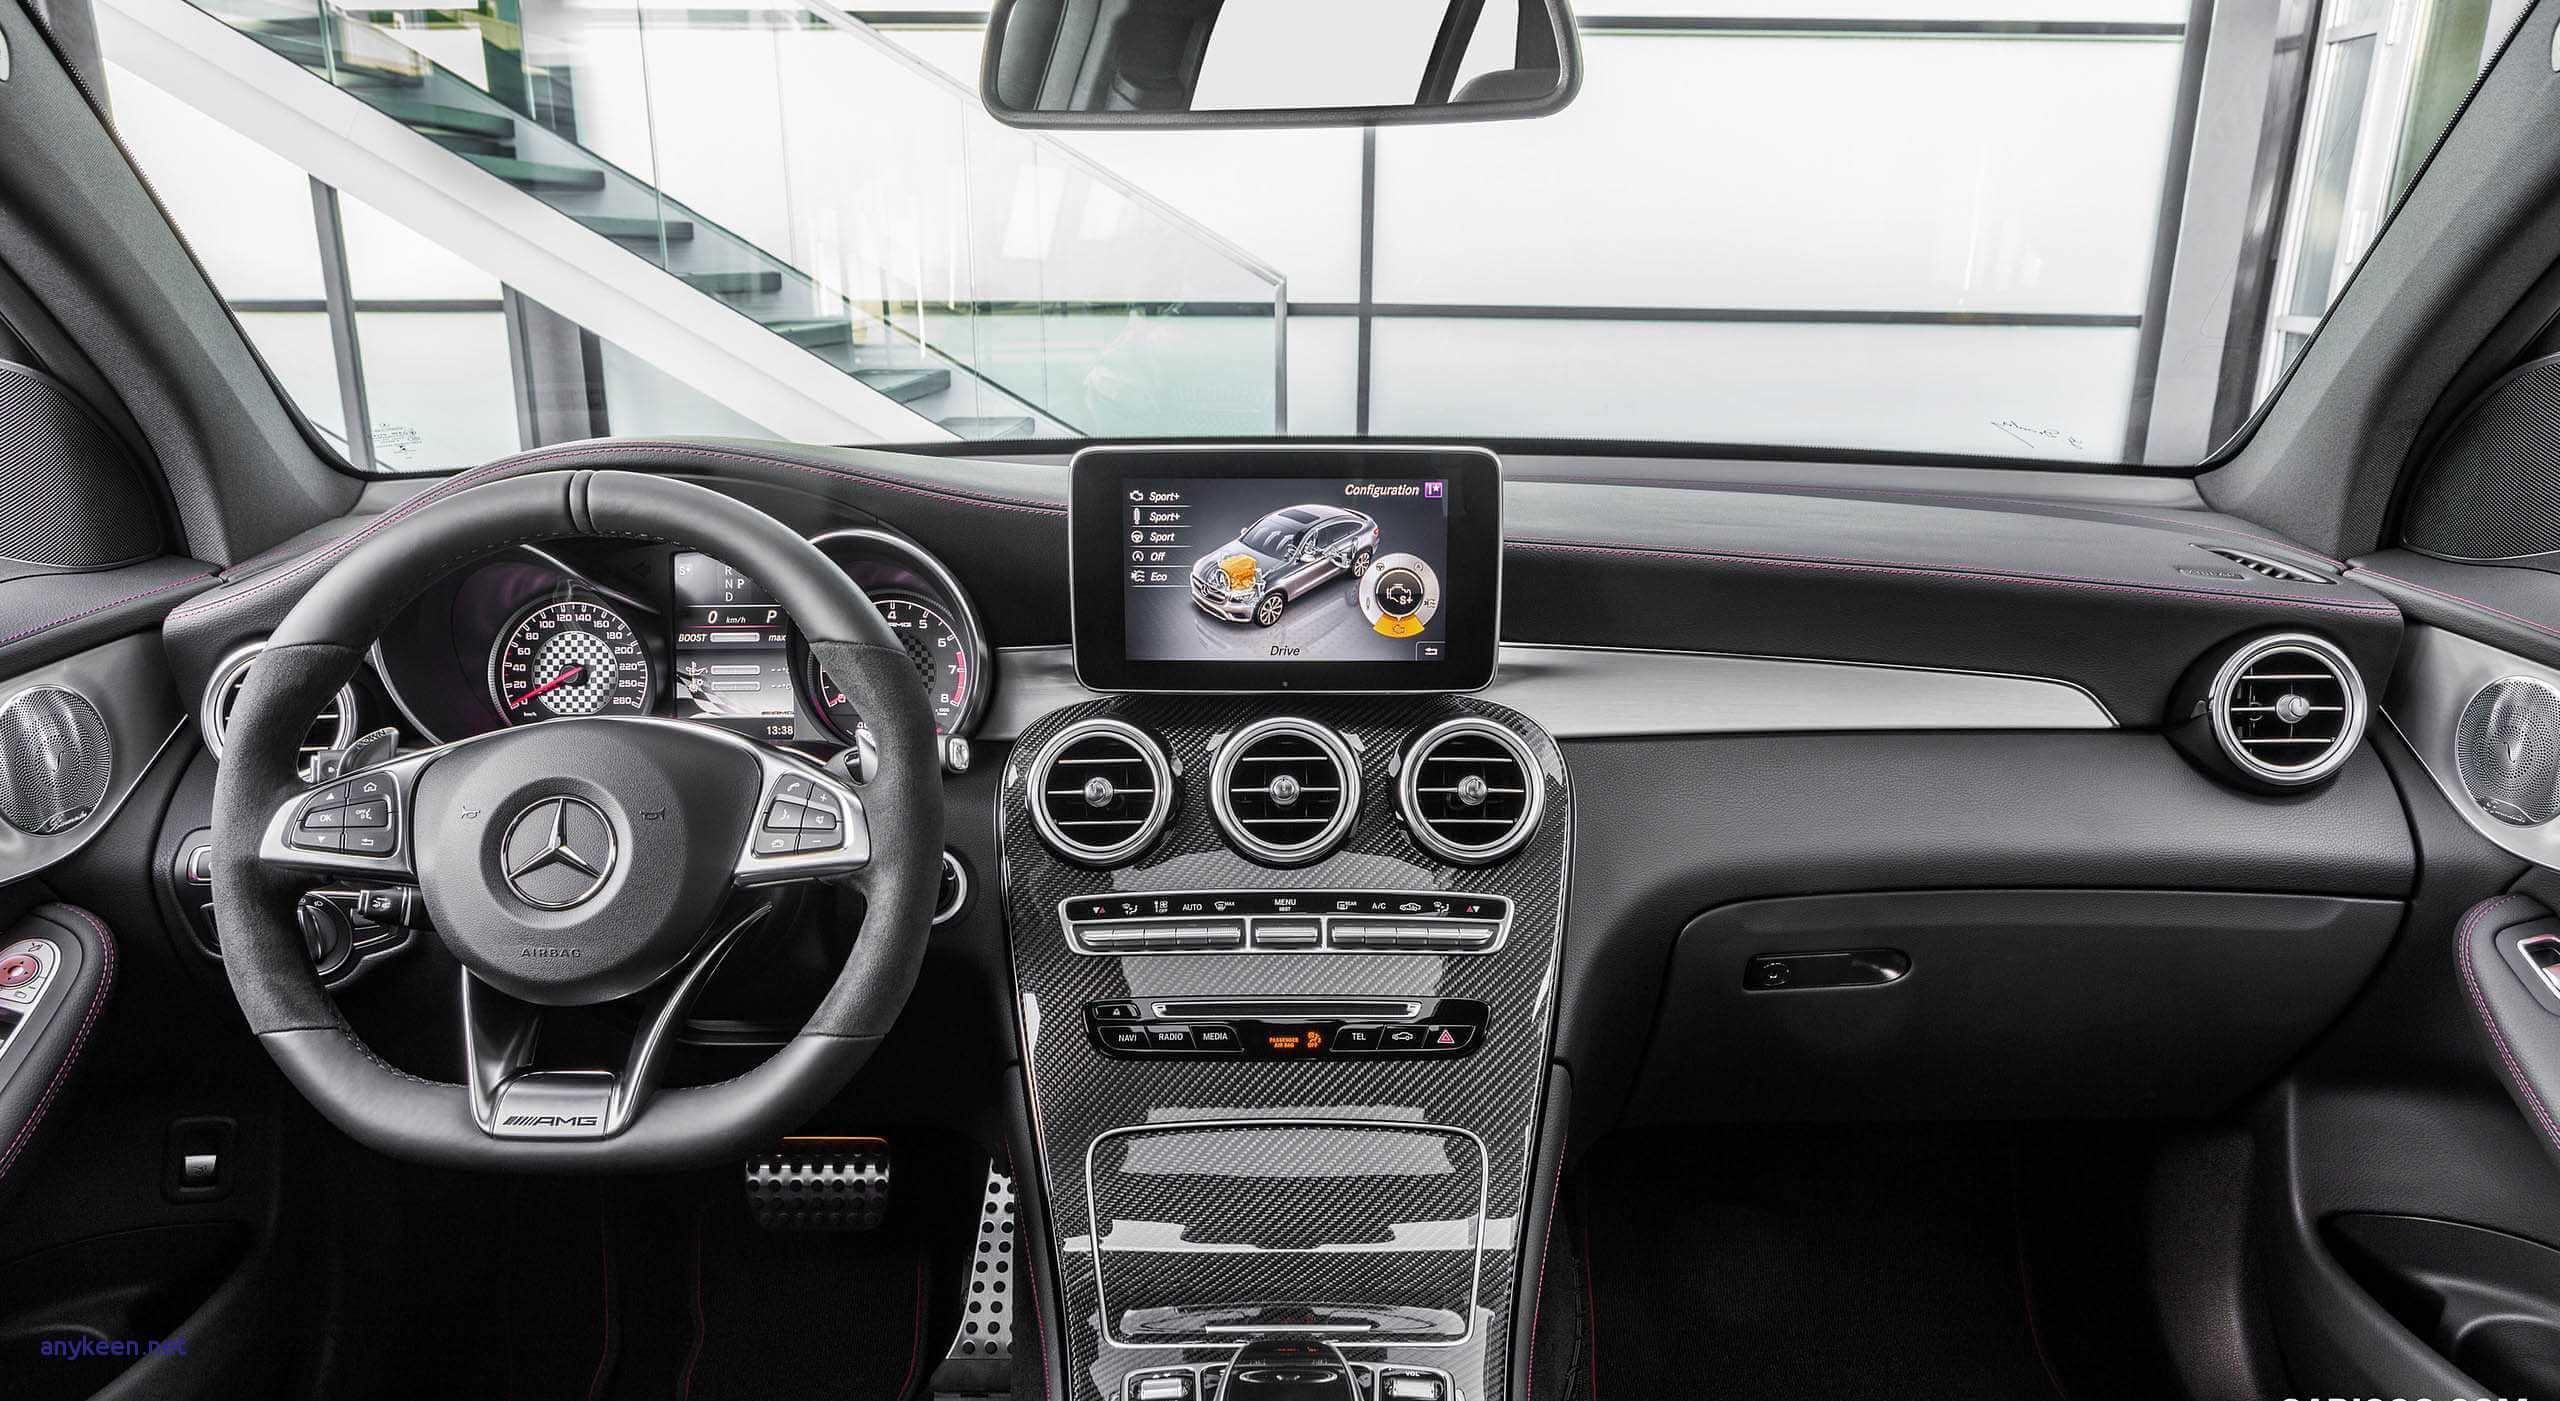 Mercedes GLC AMG 2017